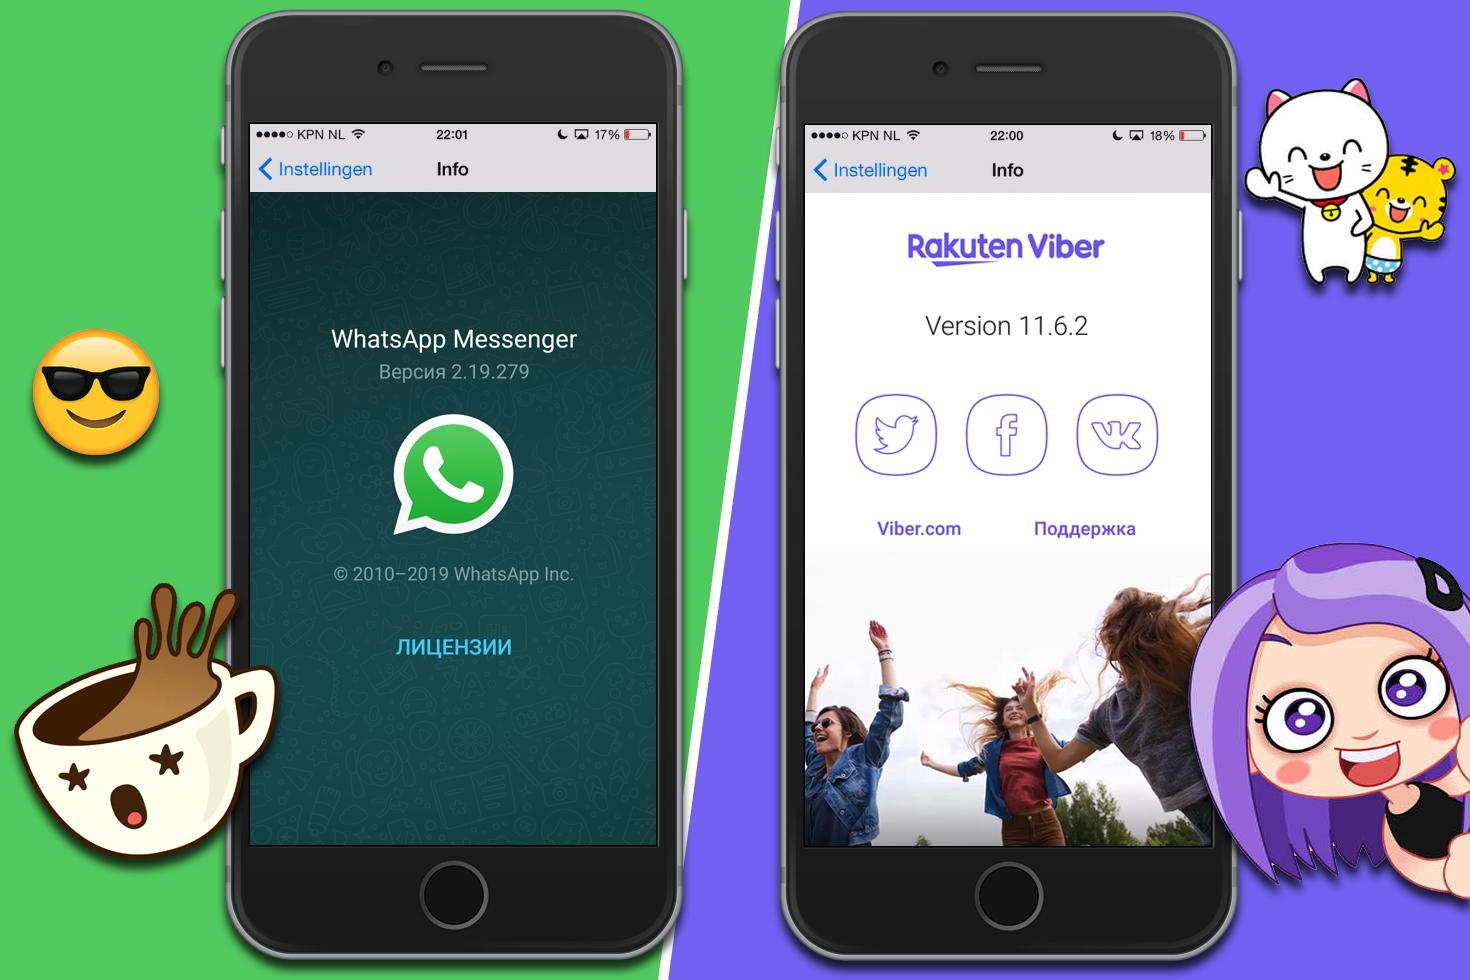 WhatsApp и Viber поборолись за первенство в рейтинге функциональности мессенджеров